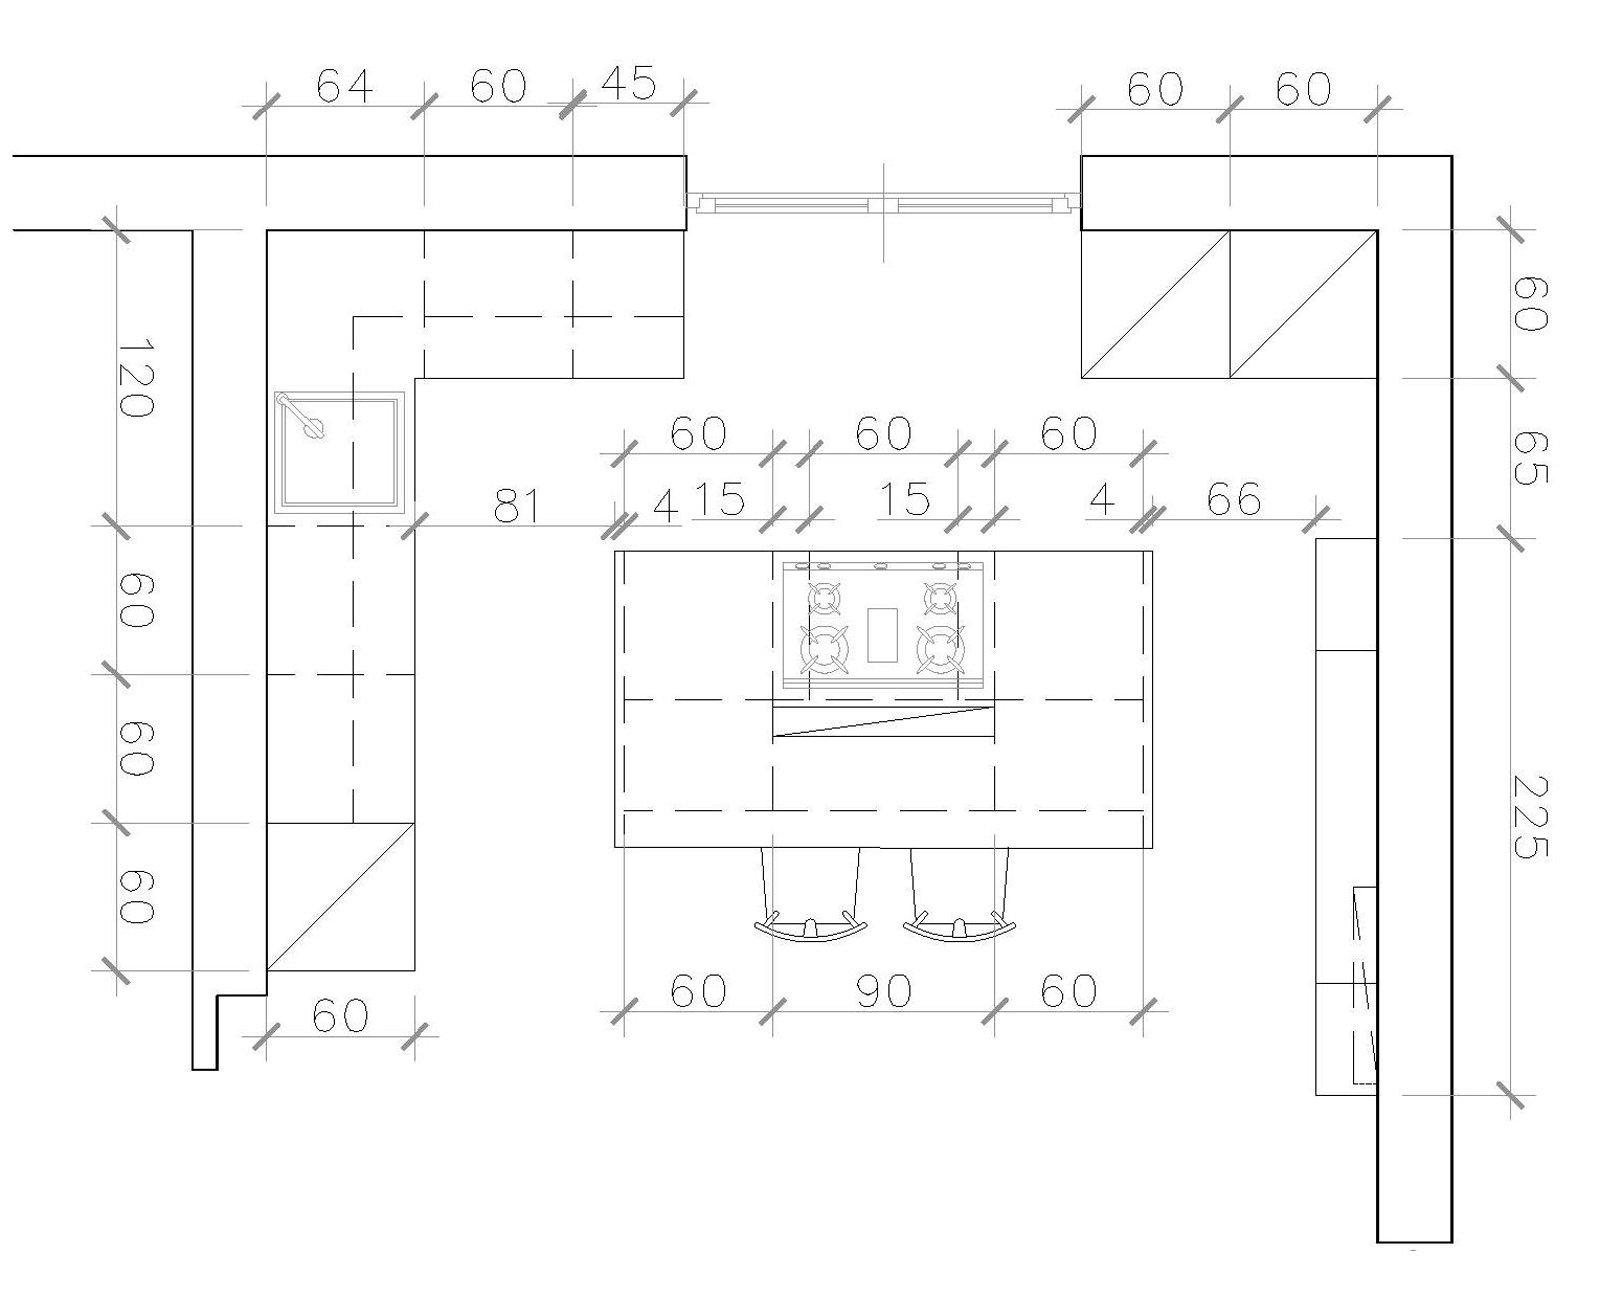 Cucina a vista sul soggiorno un progetto per sfruttare bene lo spazio  Cose di Casa